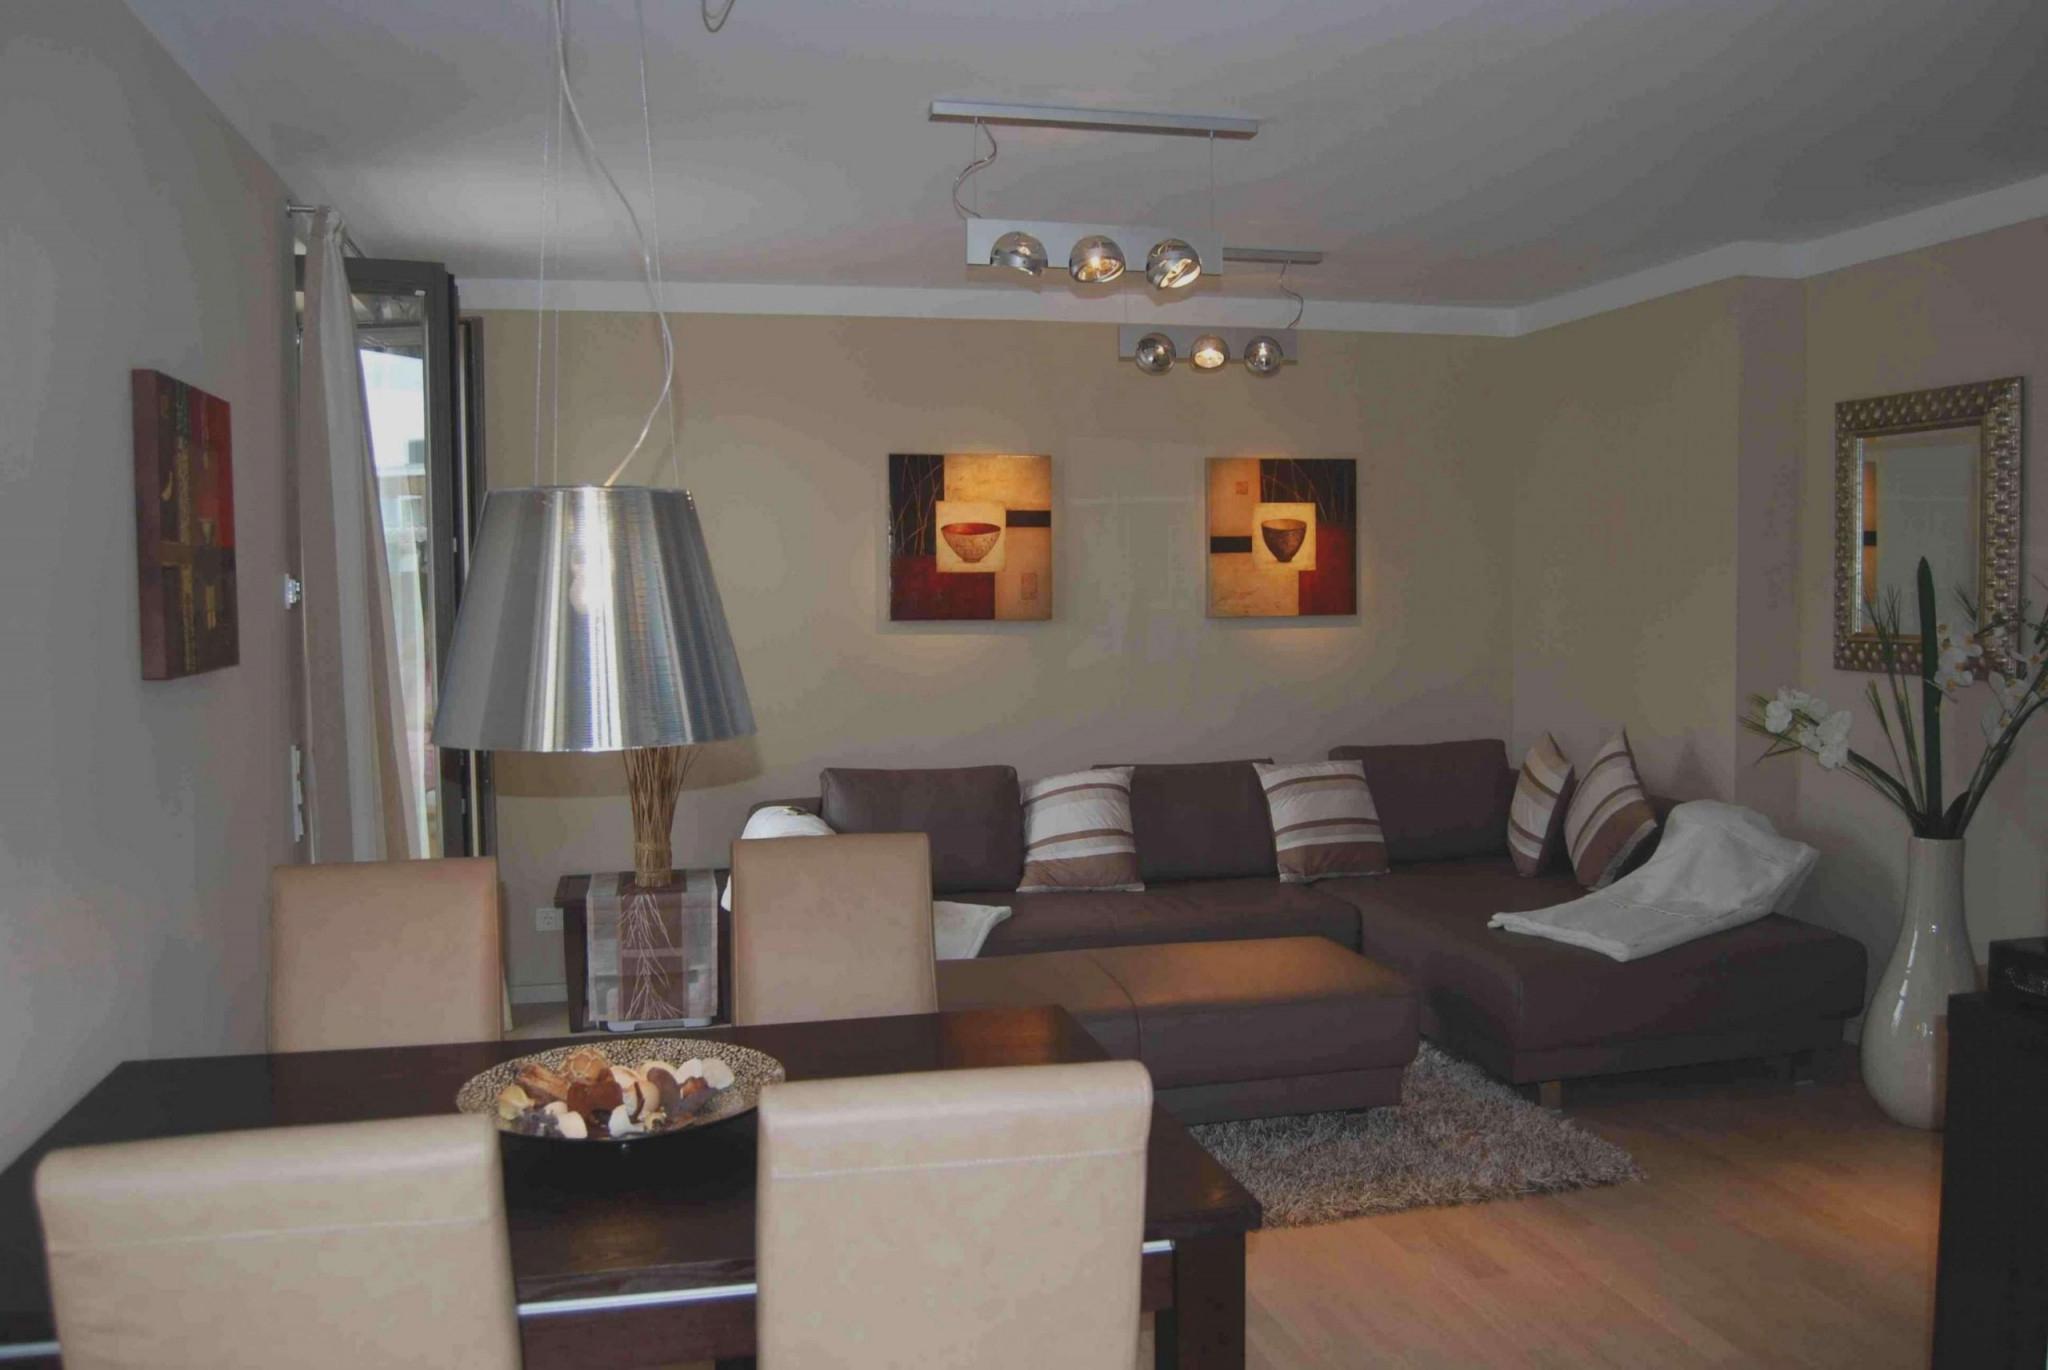 30 Luxus Kleines Wohnzimmer Mit Essbereich Einrichten von Wohnzimmer Richtig Einrichten Photo